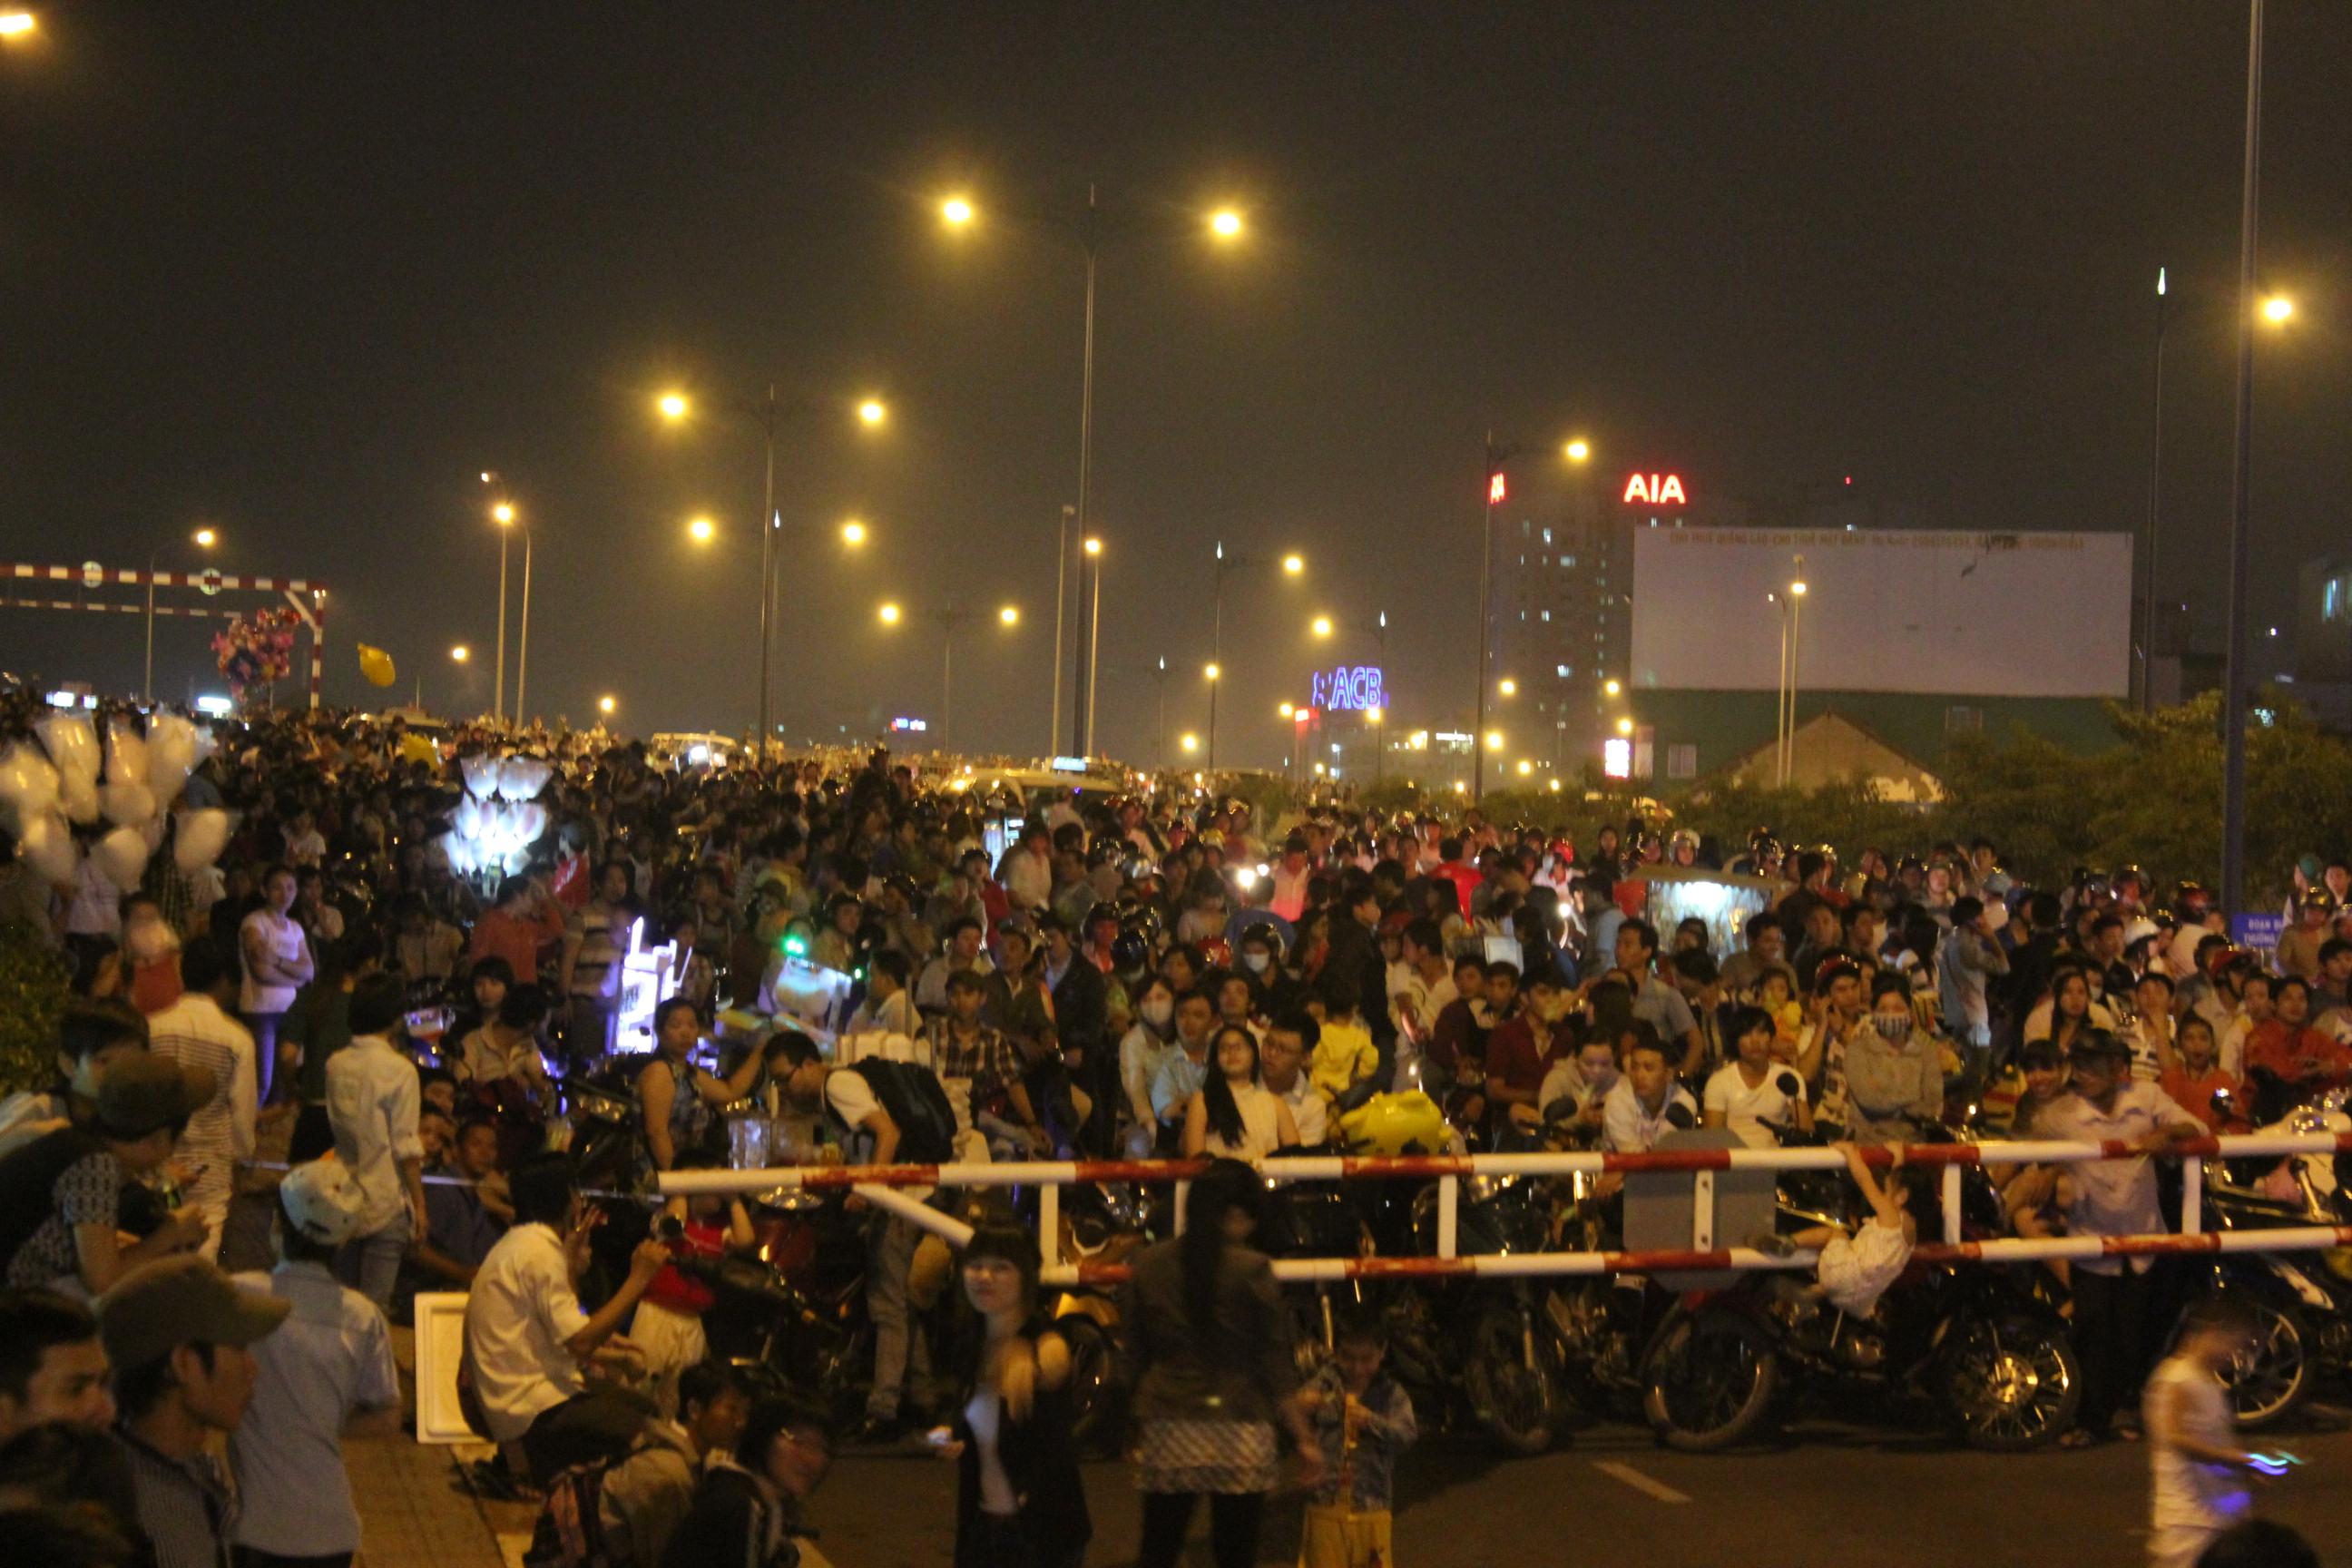 Hàng vạn người chực chờ xem bắn pháo hoa trên cầu Calmette